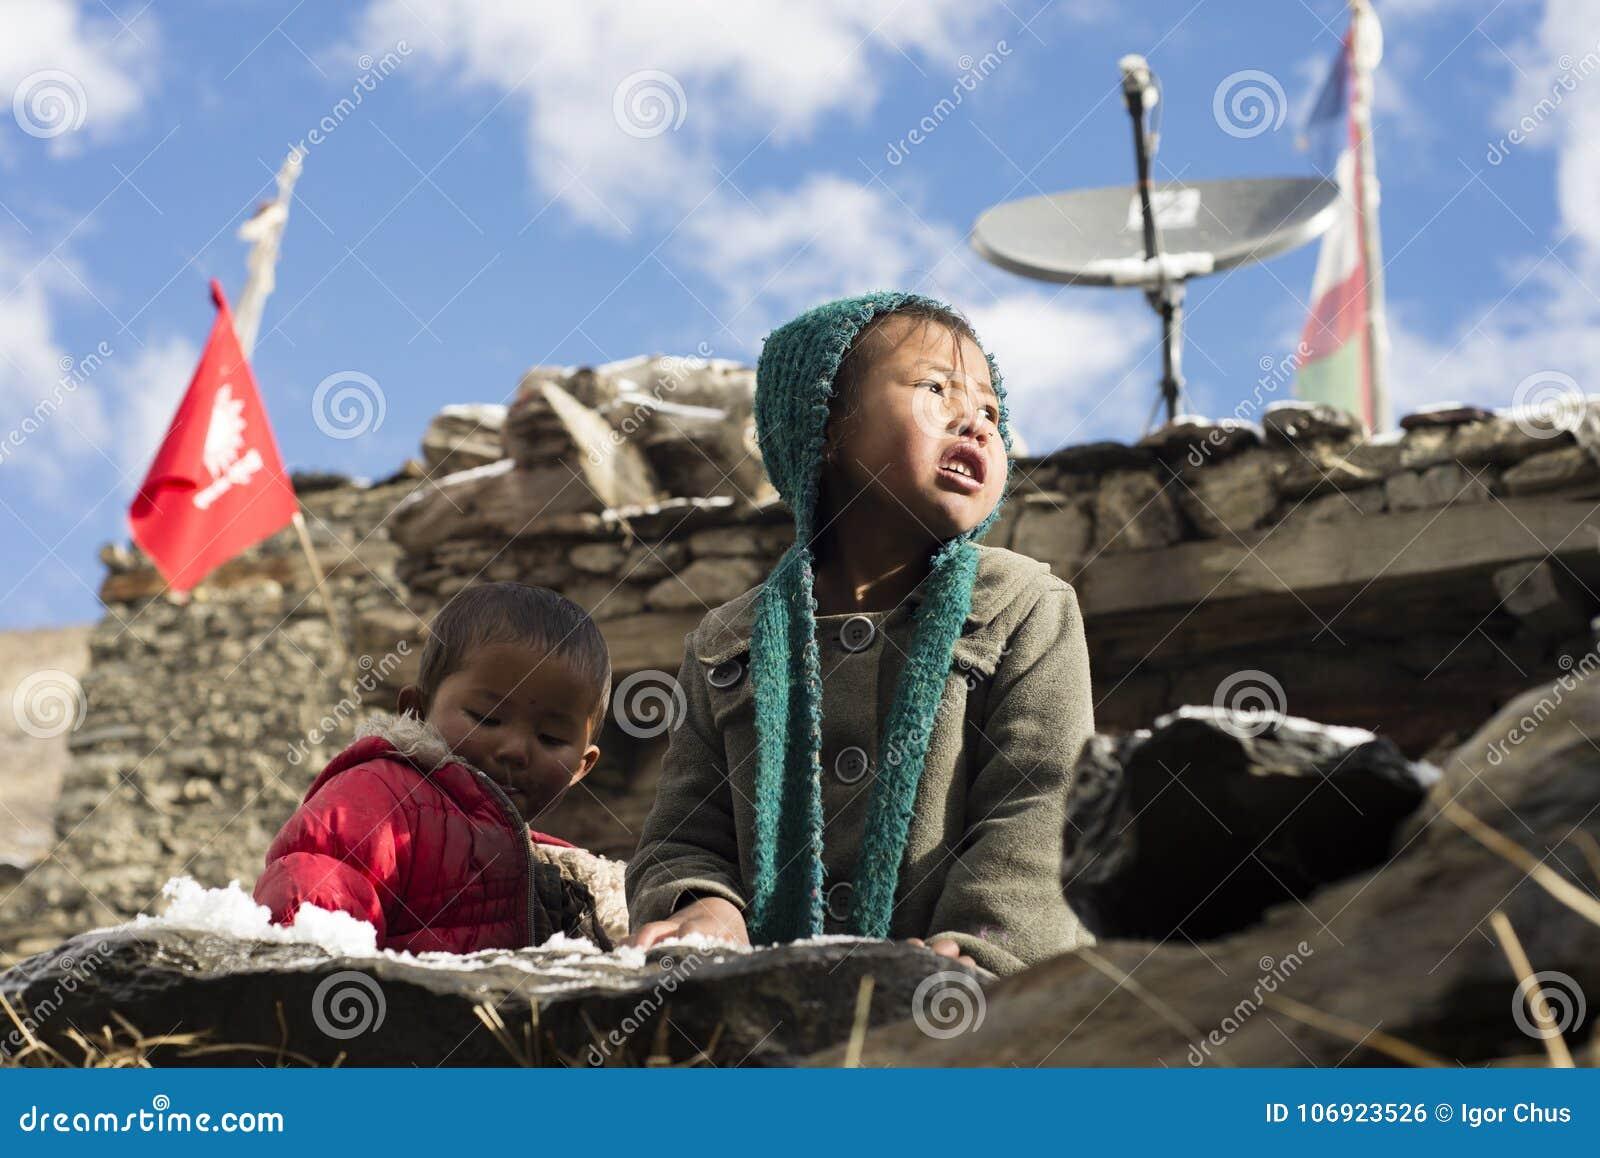 Dzieci Nepal utrzymanie w himalajach, Manang wioska, Nepal, Listopadu 2017 artykuł wstępny